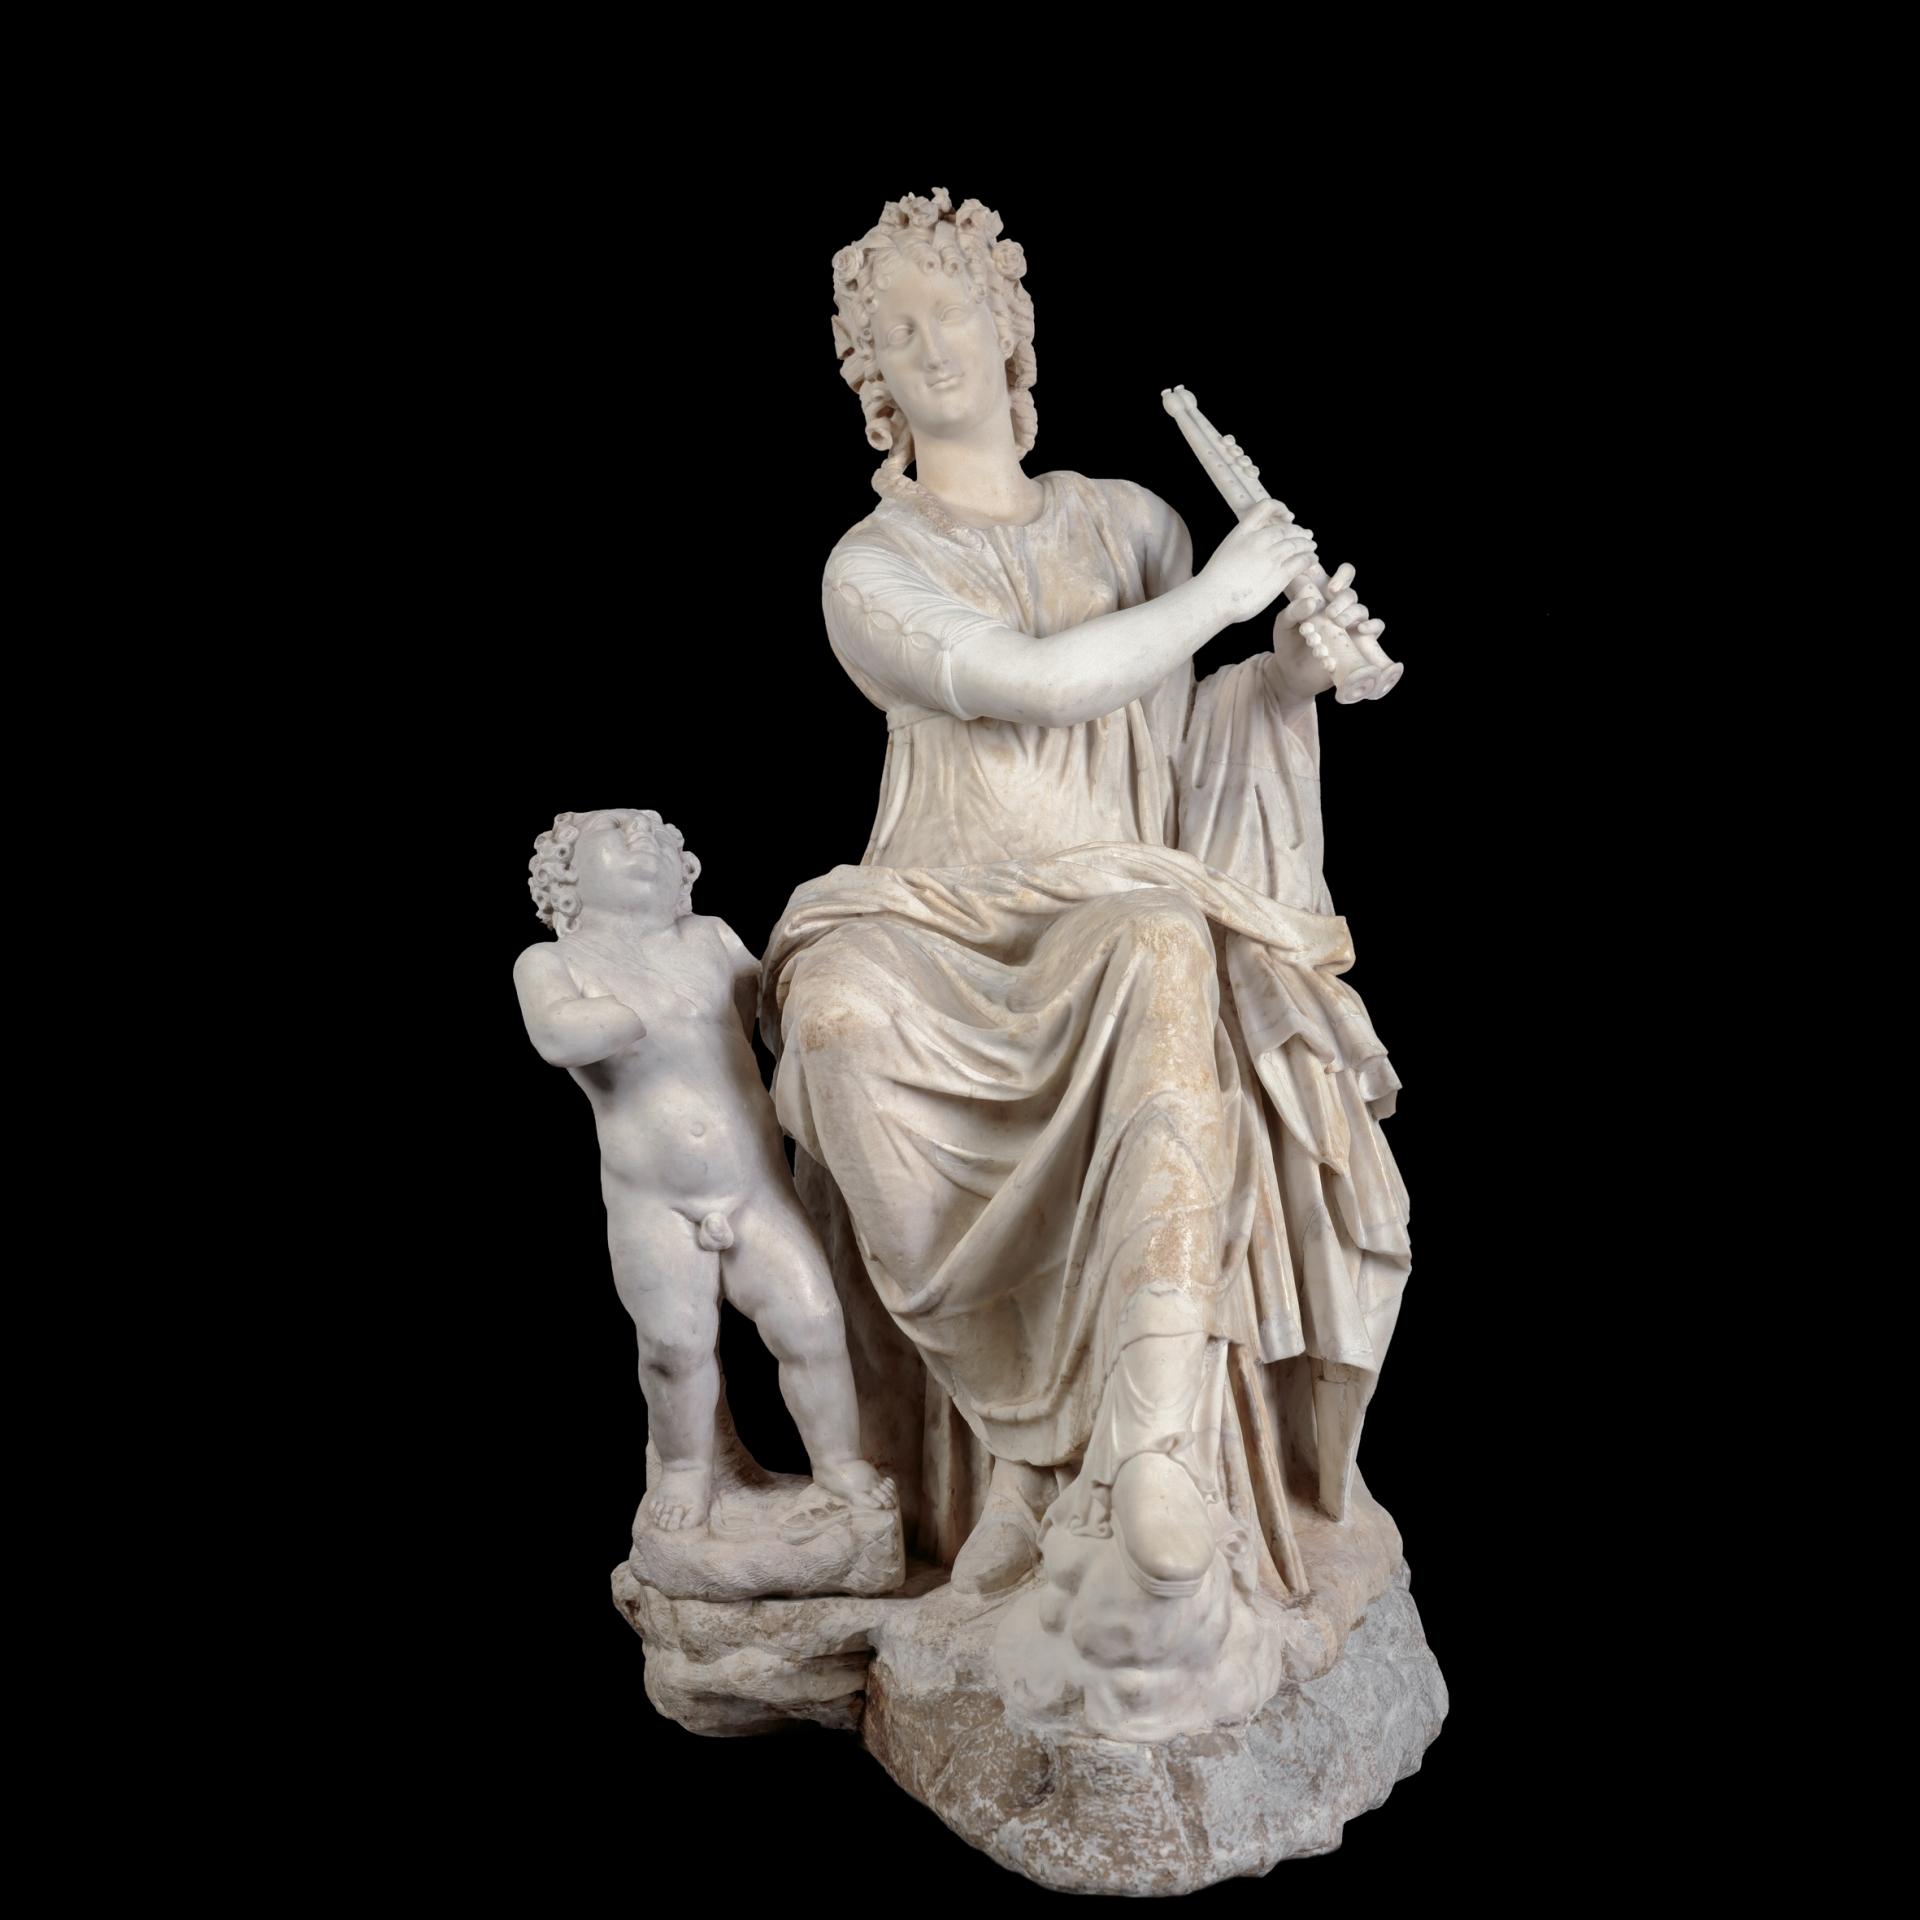 La Musa Euterpe - Colección - Museo Nacional del Prado